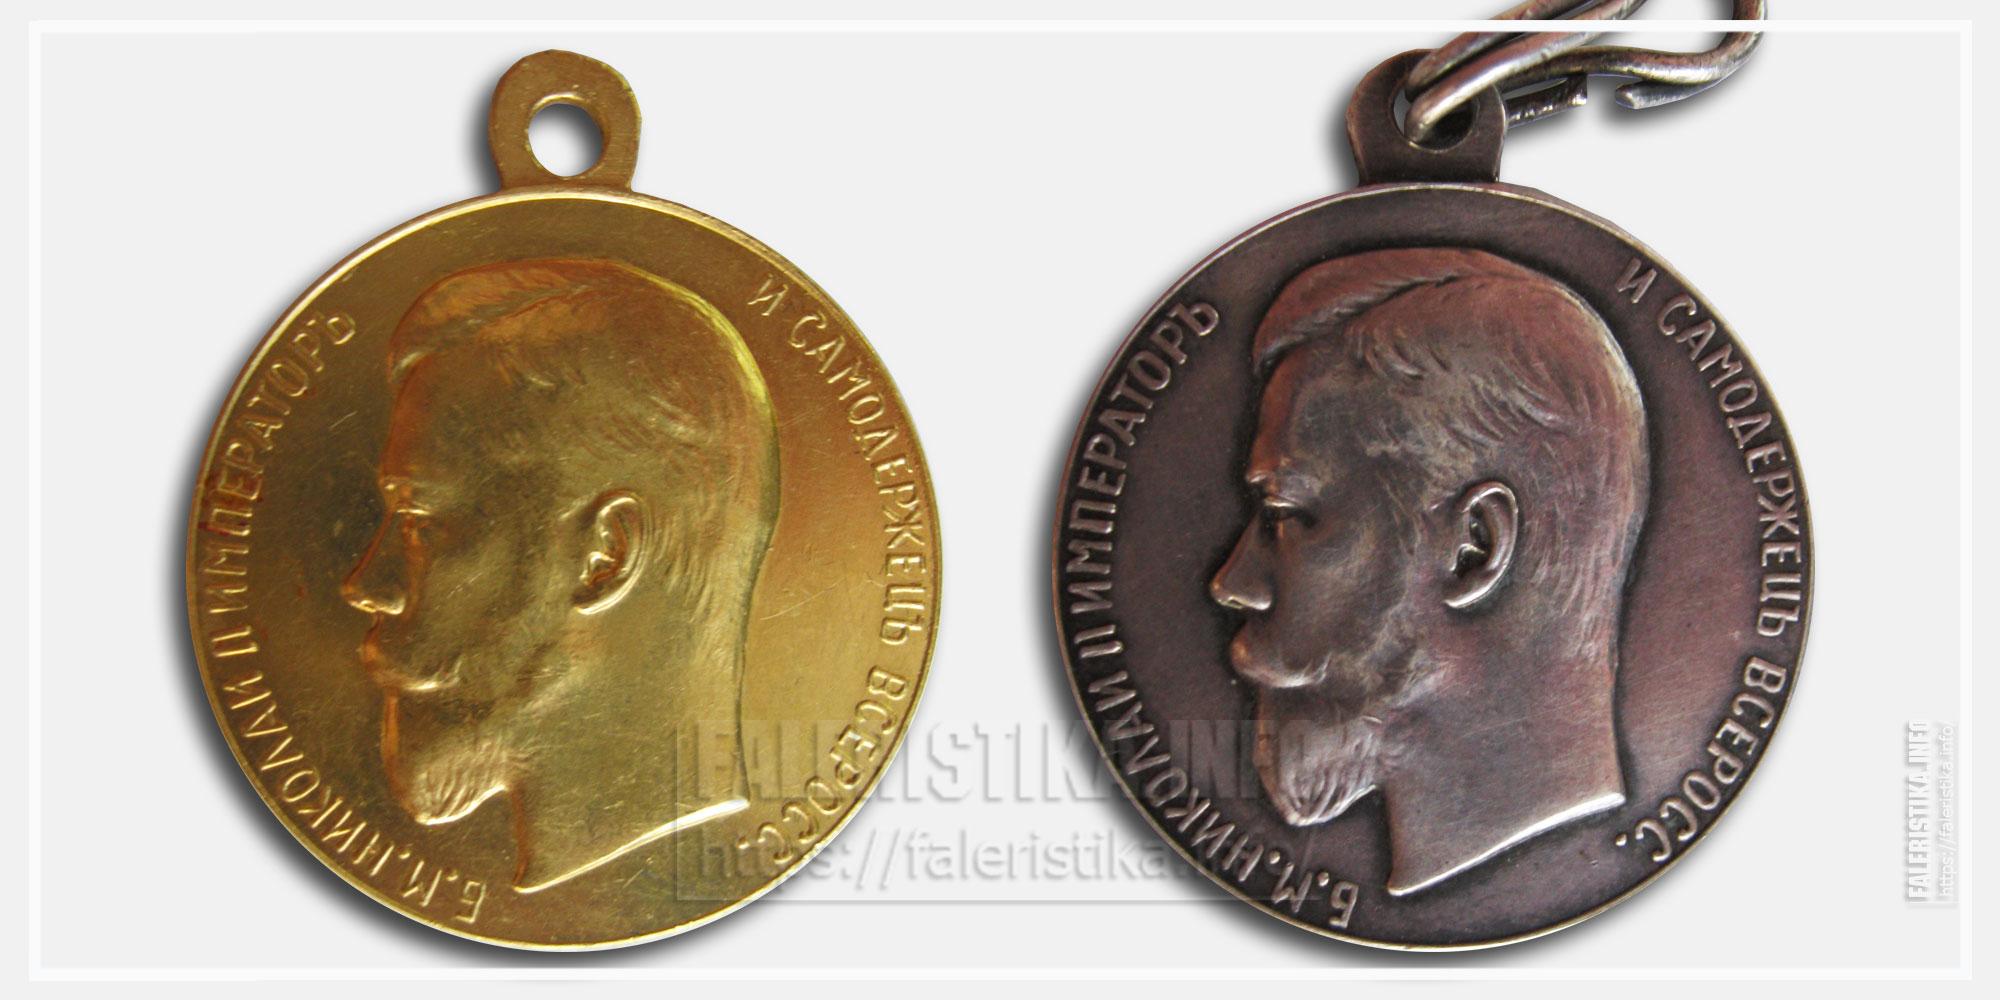 """Медаль """"За усердие"""" Николай II-30mm Сравнение золотой и серебряной медалей"""